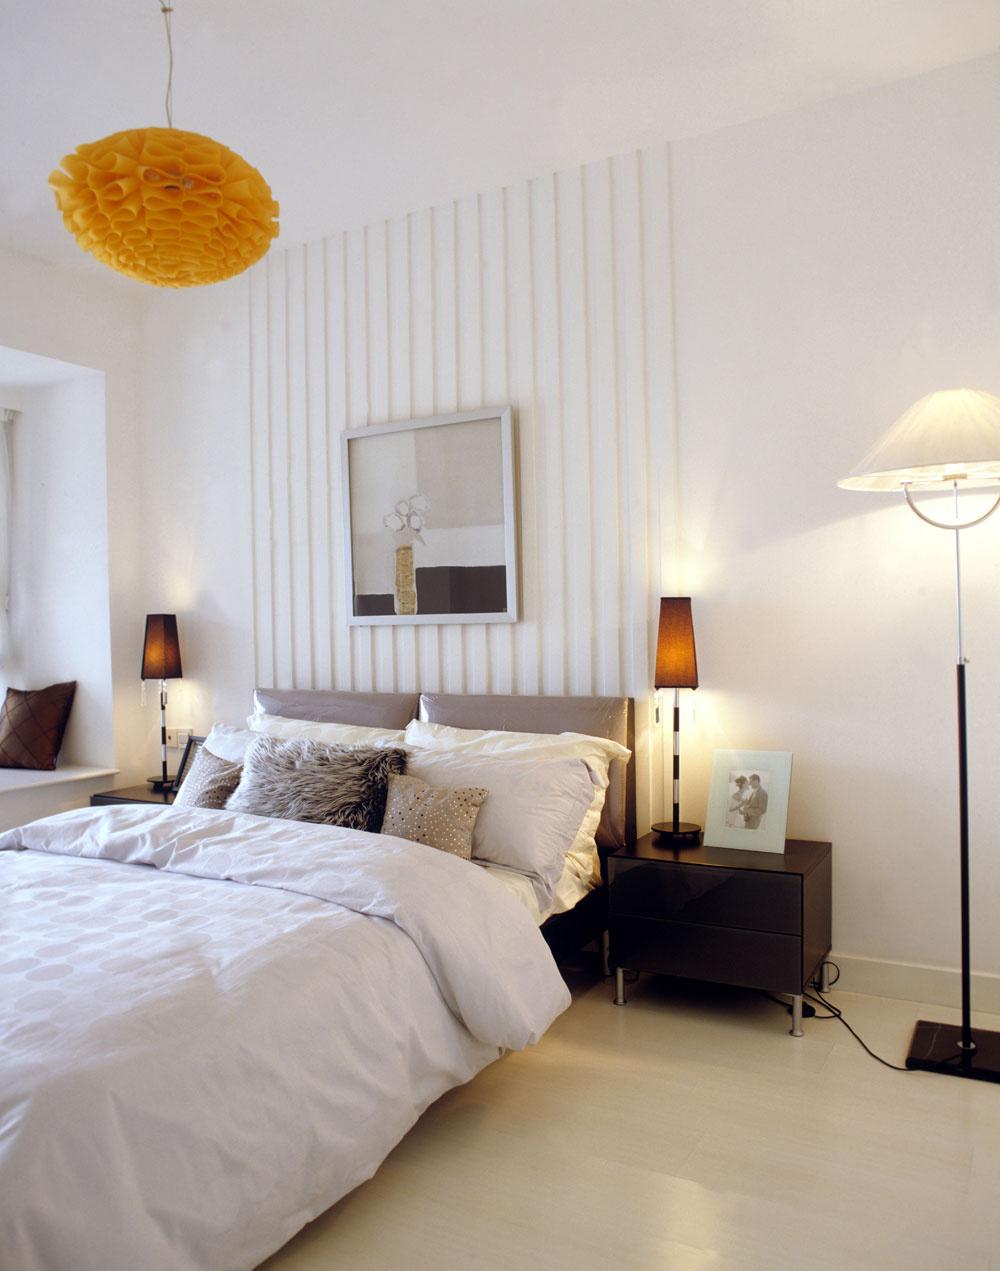 Silné svetlá v spálni by mohli poškodiť váš vzťah. Rovnako aj spojenie stropného svietidla s bodovým osvetlením a ďalšími druhmi svietidiel je ďalším svetelným tabu vo feng shui spálni. Príliš veľa rôznych svietidiel vytvára nadbytočnú energiu. Radšej preto menej a tlmenejších svietidiel. Romantickú atmosféru si dotvoríte sviečkami.